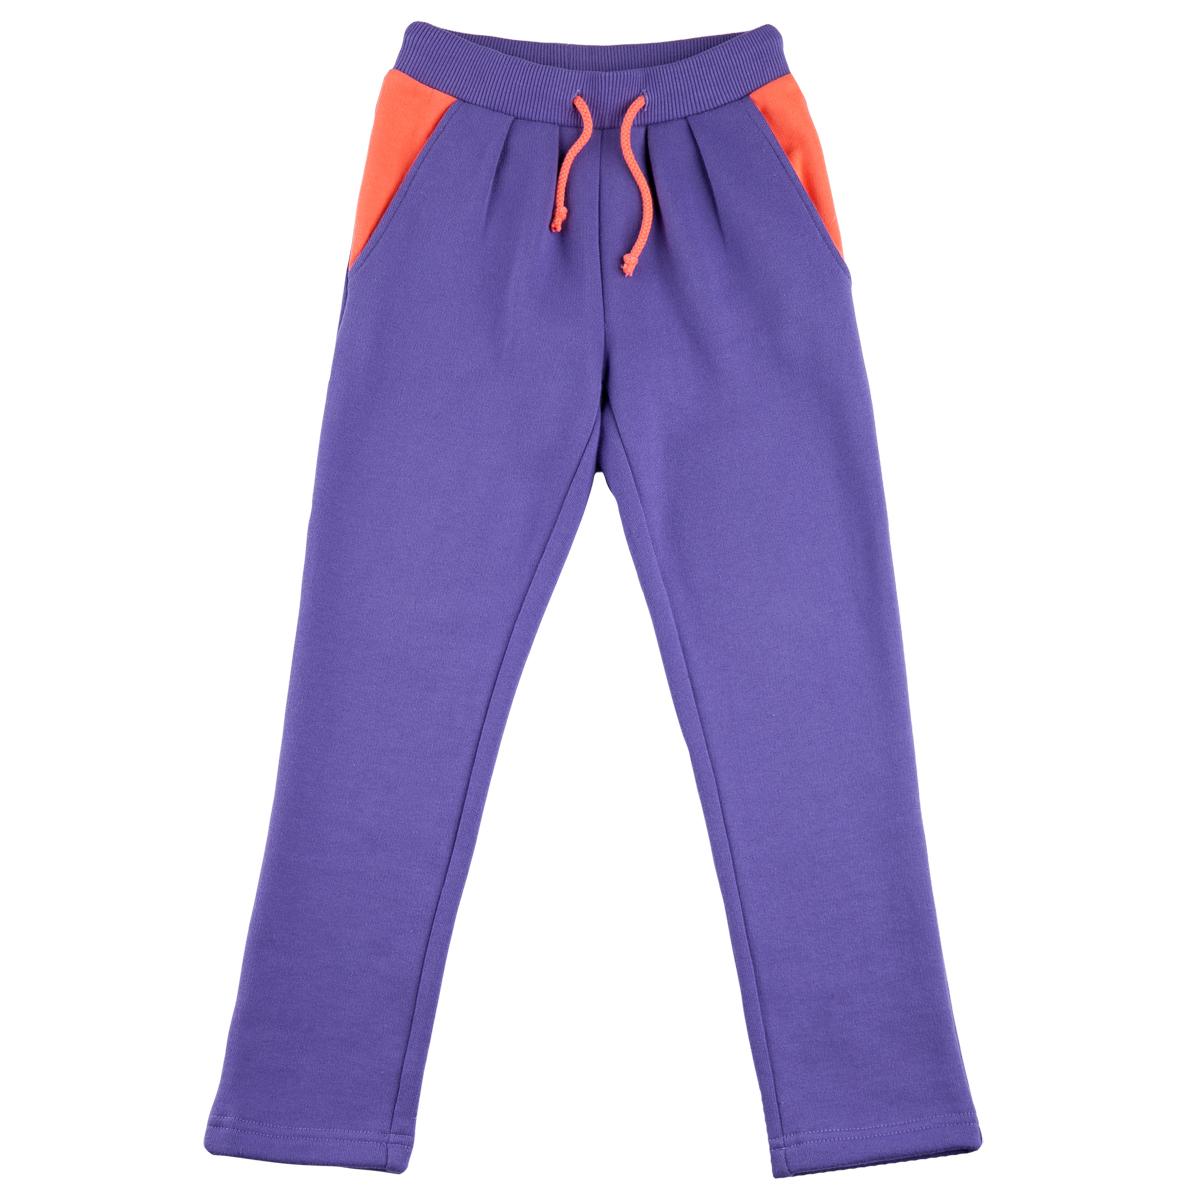 Брюки KogankidsМодные и удобные брюки для девочки из плотного хлопка позволят обеспечить только приятные и комфортные прогулки. Практичные, подходят на каждый день.<br>Размер: 104, 110, 116, 122, 128, 134, 140; Цвет: Фиолетовый;